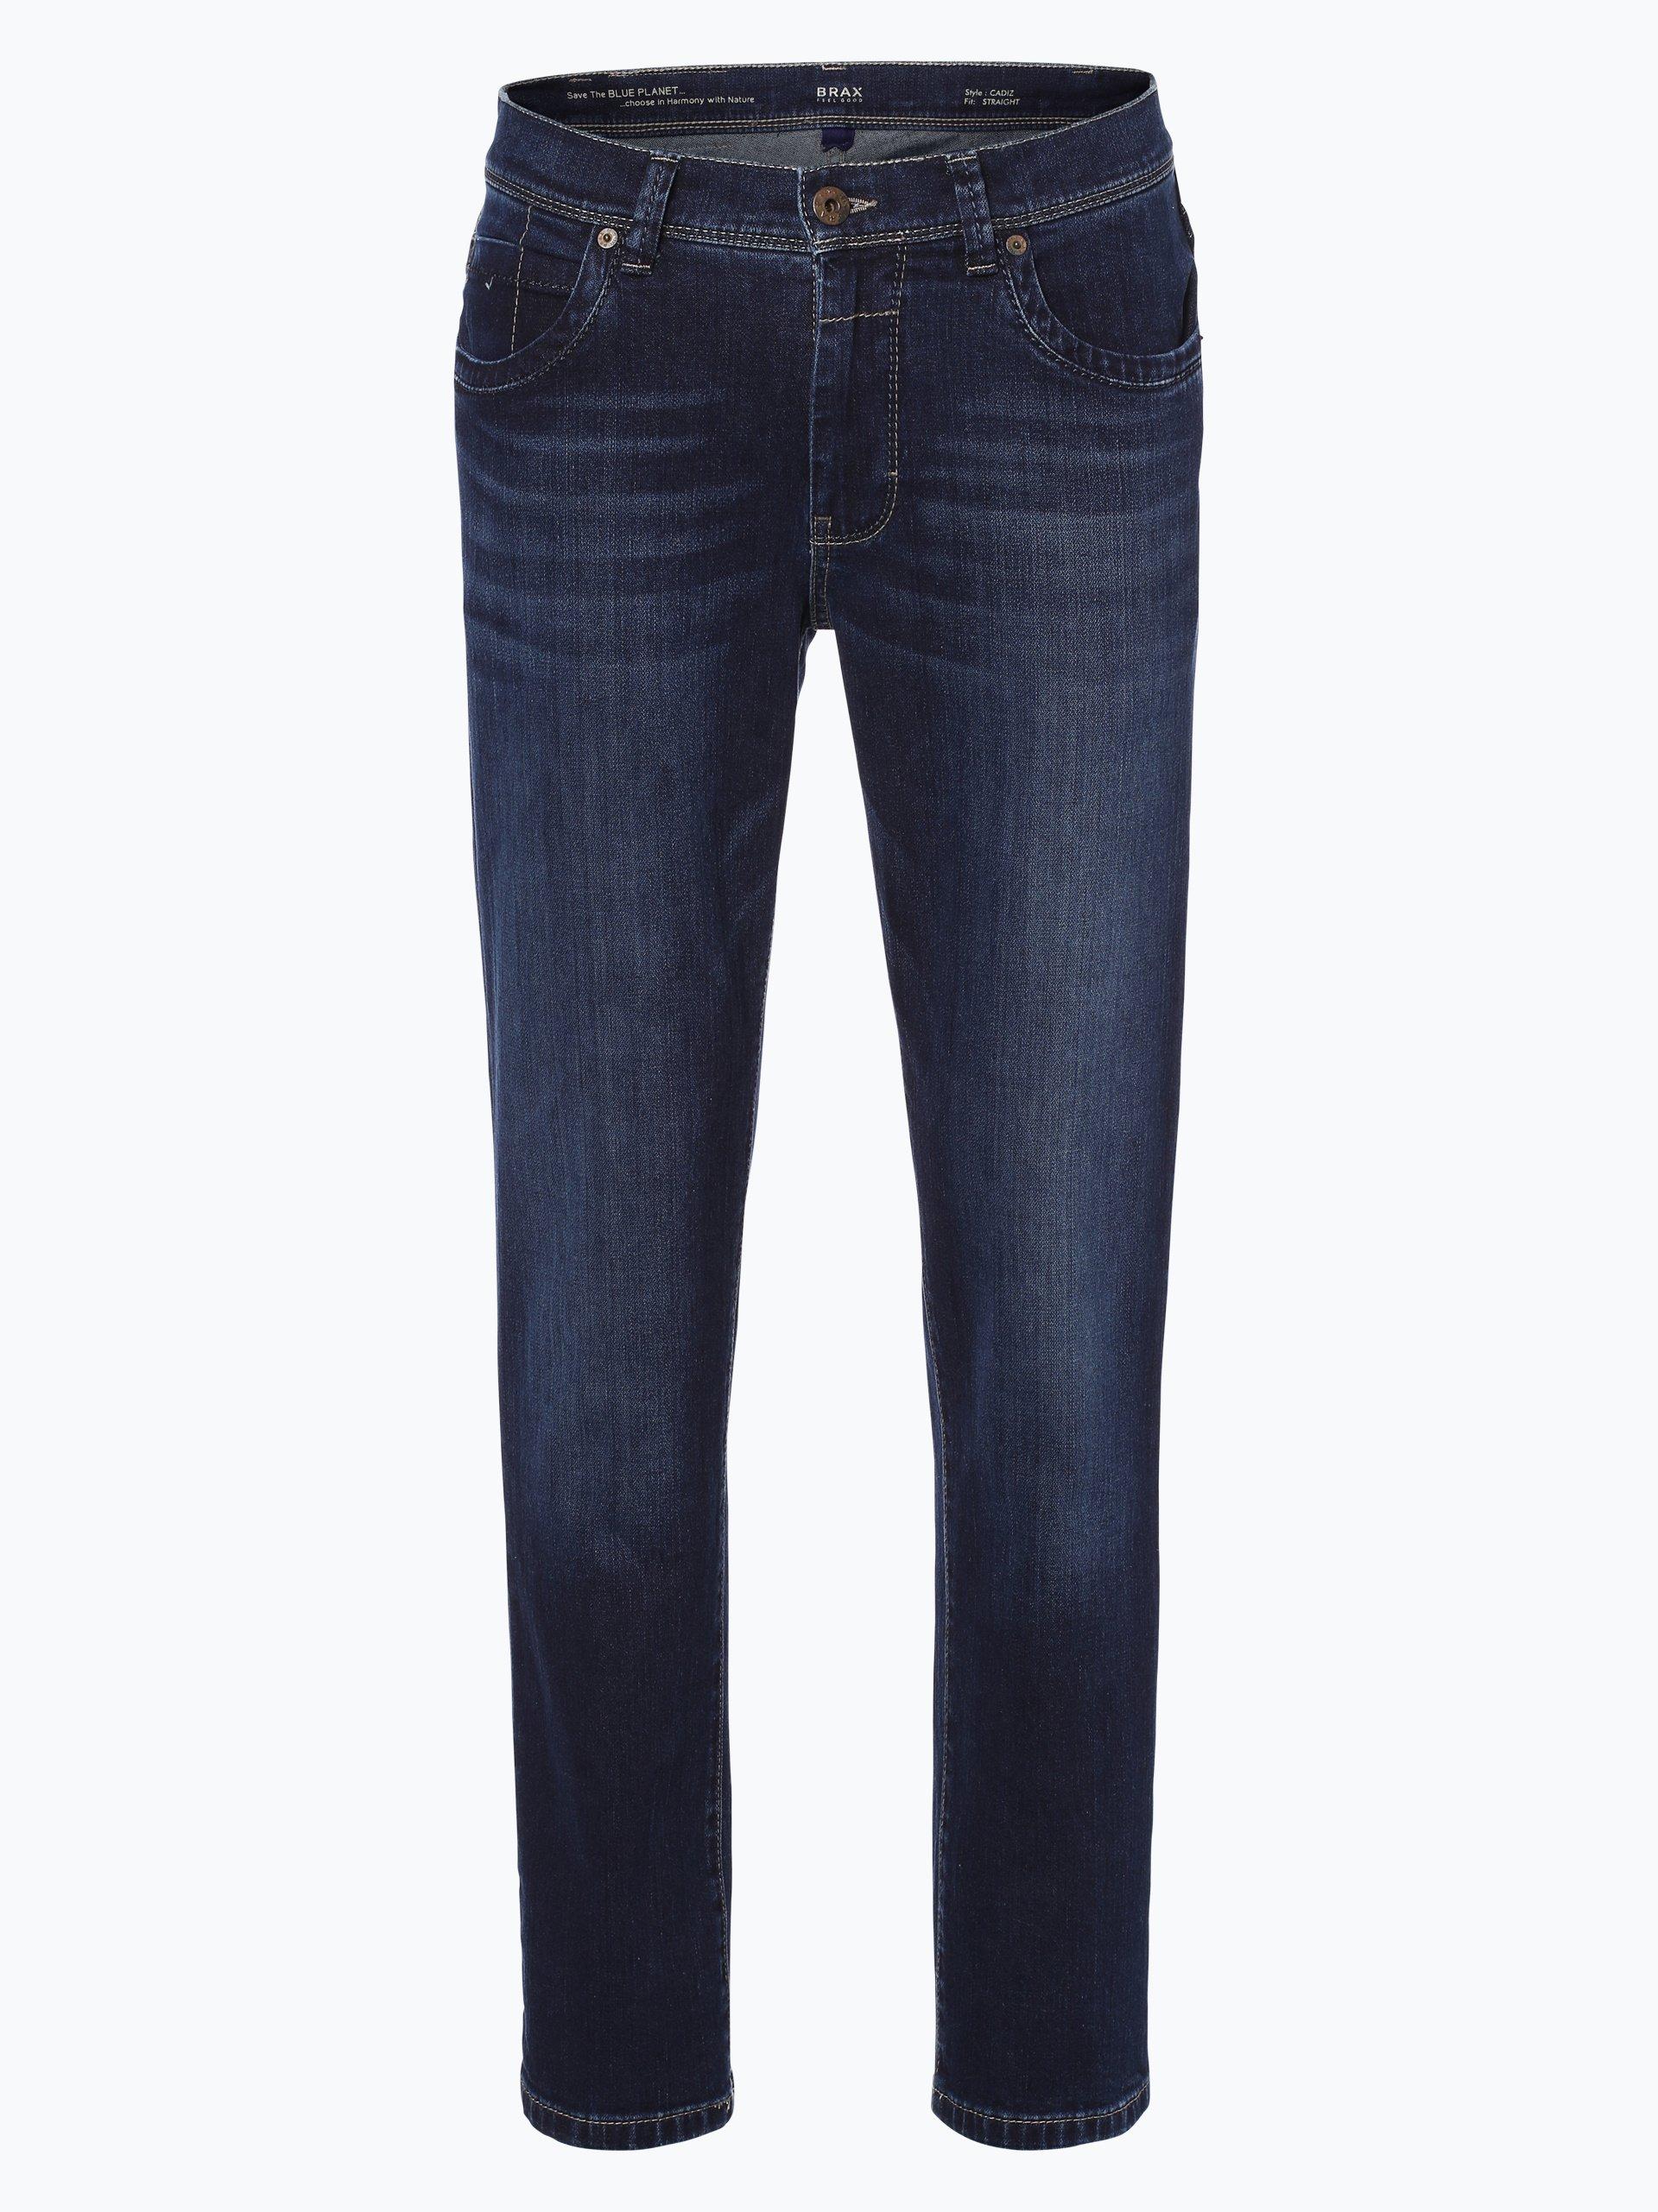 brax herren jeans cadiz dark stone uni online kaufen peek und cloppenburg de. Black Bedroom Furniture Sets. Home Design Ideas